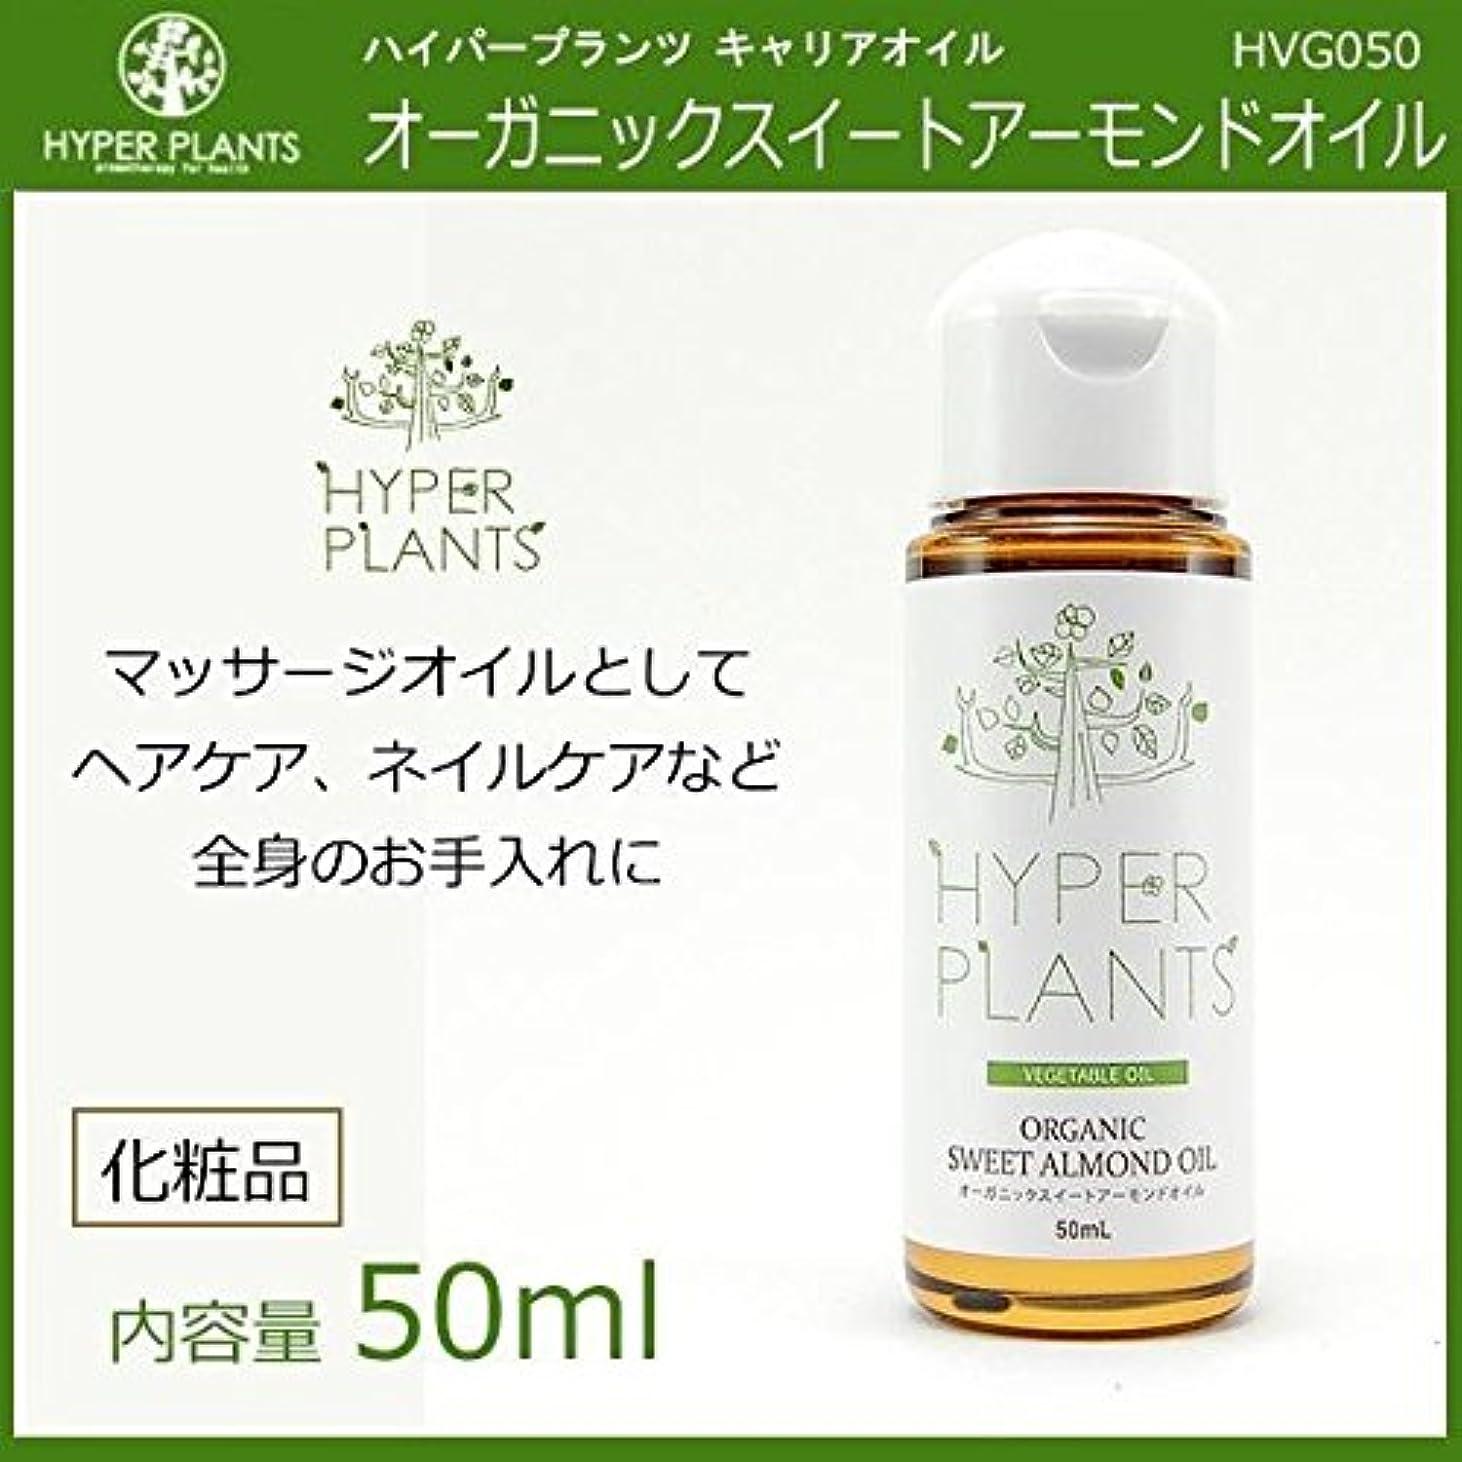 マニア脊椎噴出するHYPER PLANTS ハイパープランツ キャリアオイル オーガニックスイートアーモンドオイル 50ml HVG050